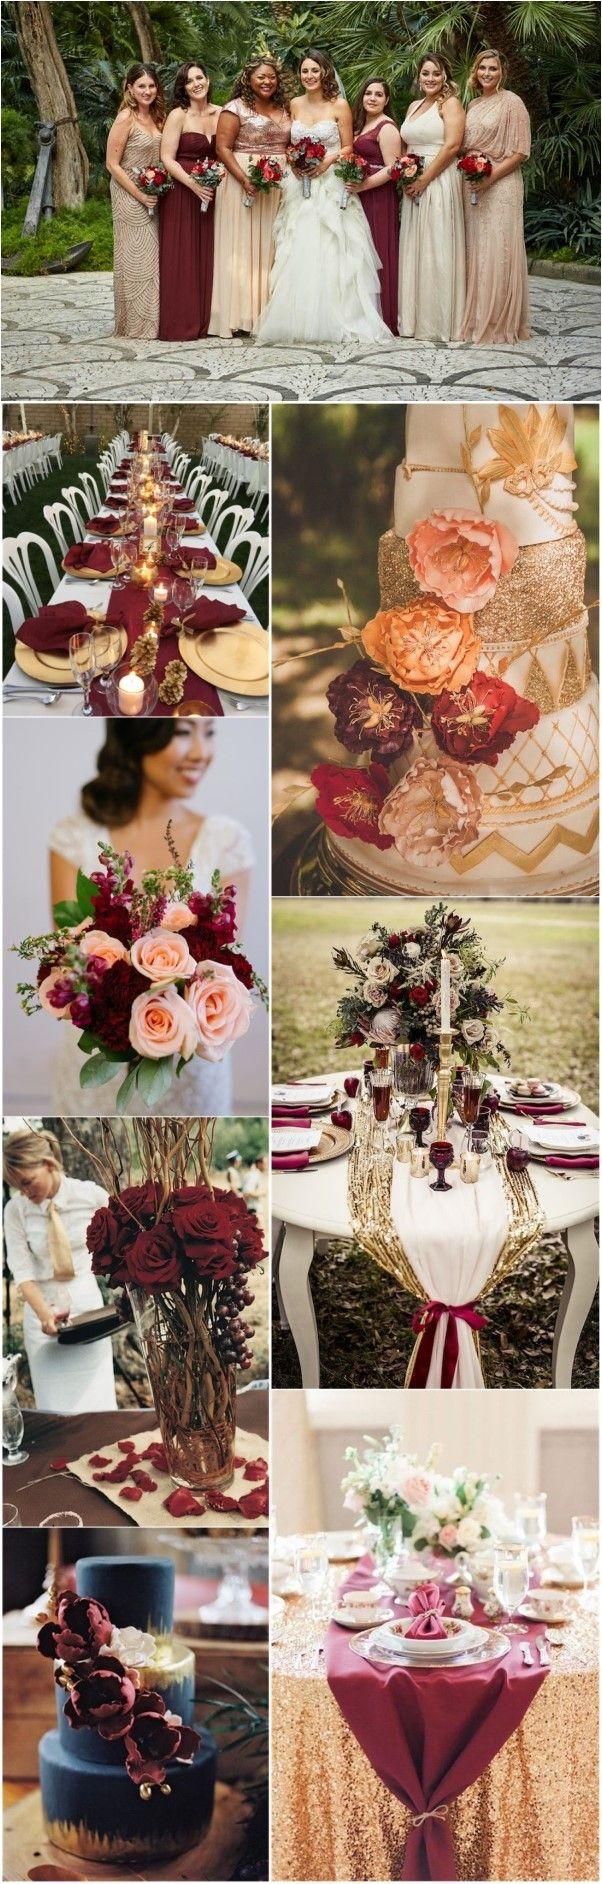 22 Romantic Burgundy And Rose Gold Fall Wedding Ideas Weddinginclude Wedding Decorations Fall Wedding Dream Wedding